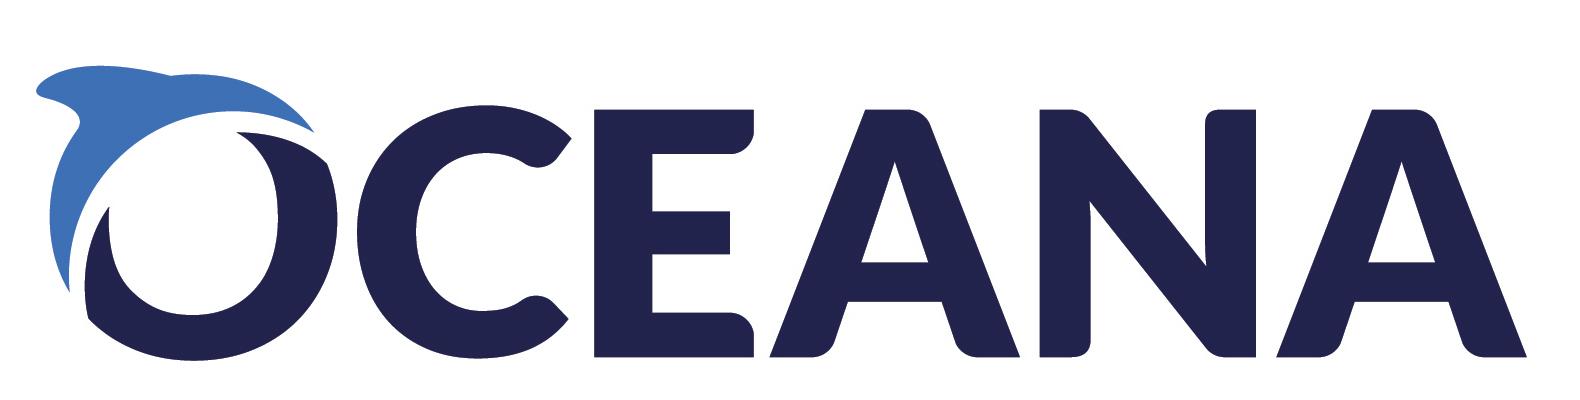 Image result for oceana logo